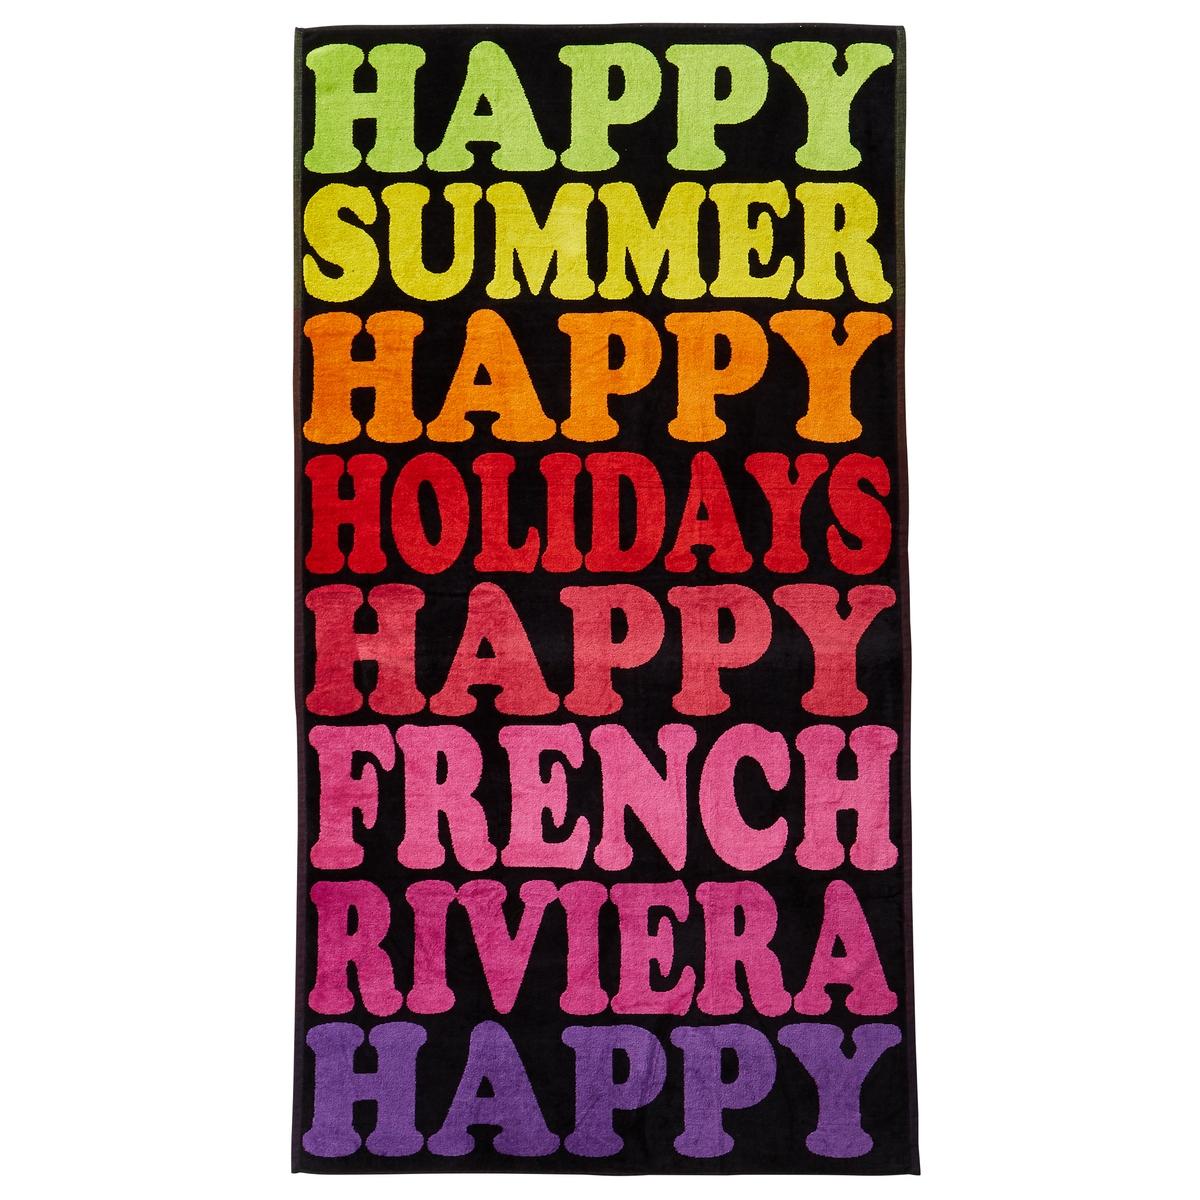 Полотенце пляжное Happy SummerПолотенце пляжное из велюра с жаккардовым рисунком Happy Summer.Характеристики пляжного полотенца Happy Summer :Махровая ткань из велюра с жаккардовым рисунком, 100% хлопок.440 г/м?.Машинная стирка при 60 °С.Размеры пляжного полотенца Happy Summer :95 x 175 см<br><br>Цвет: разноцветный